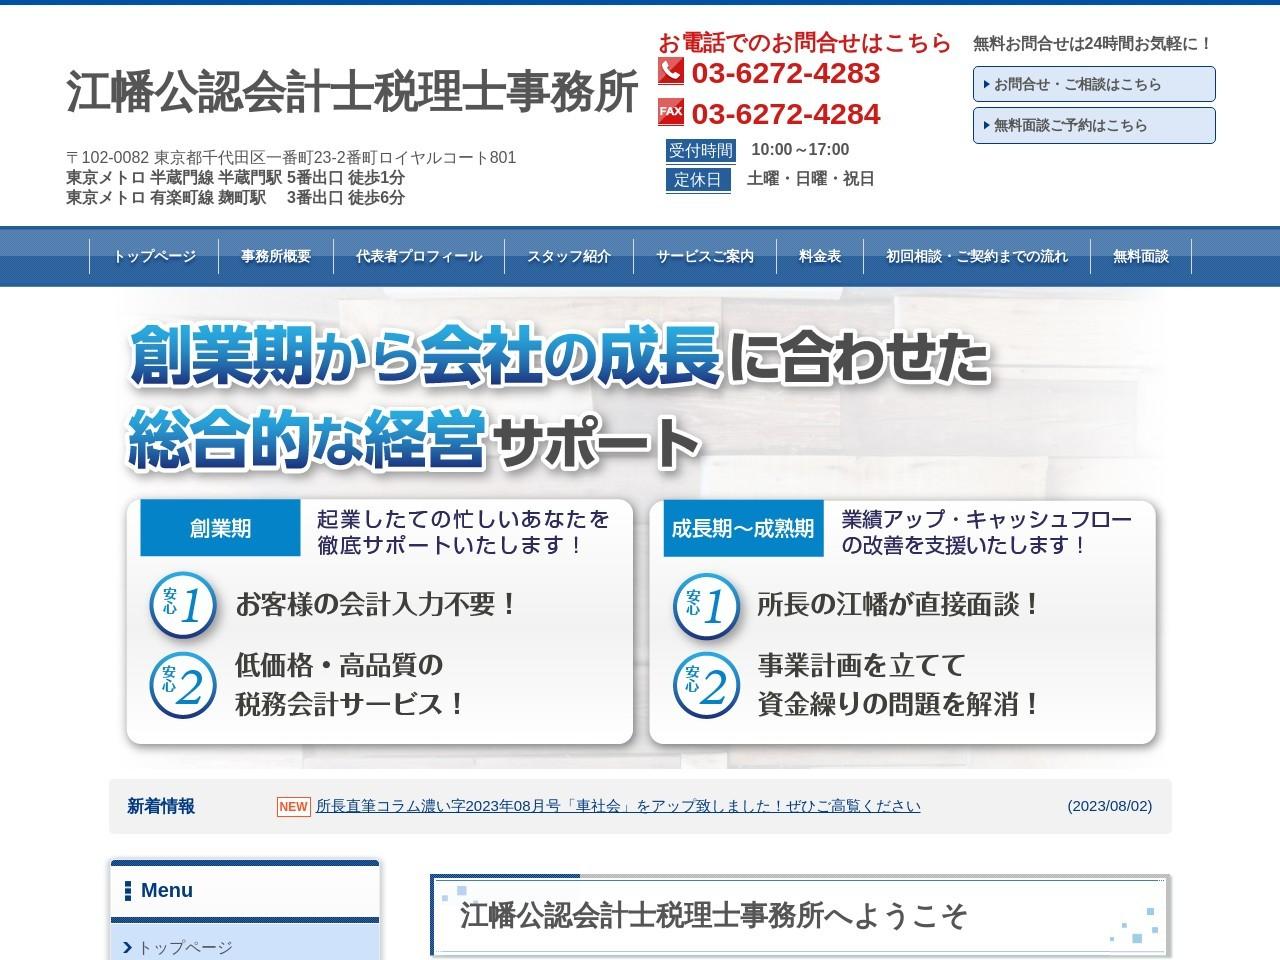 江幡公認会計士税理士事務所